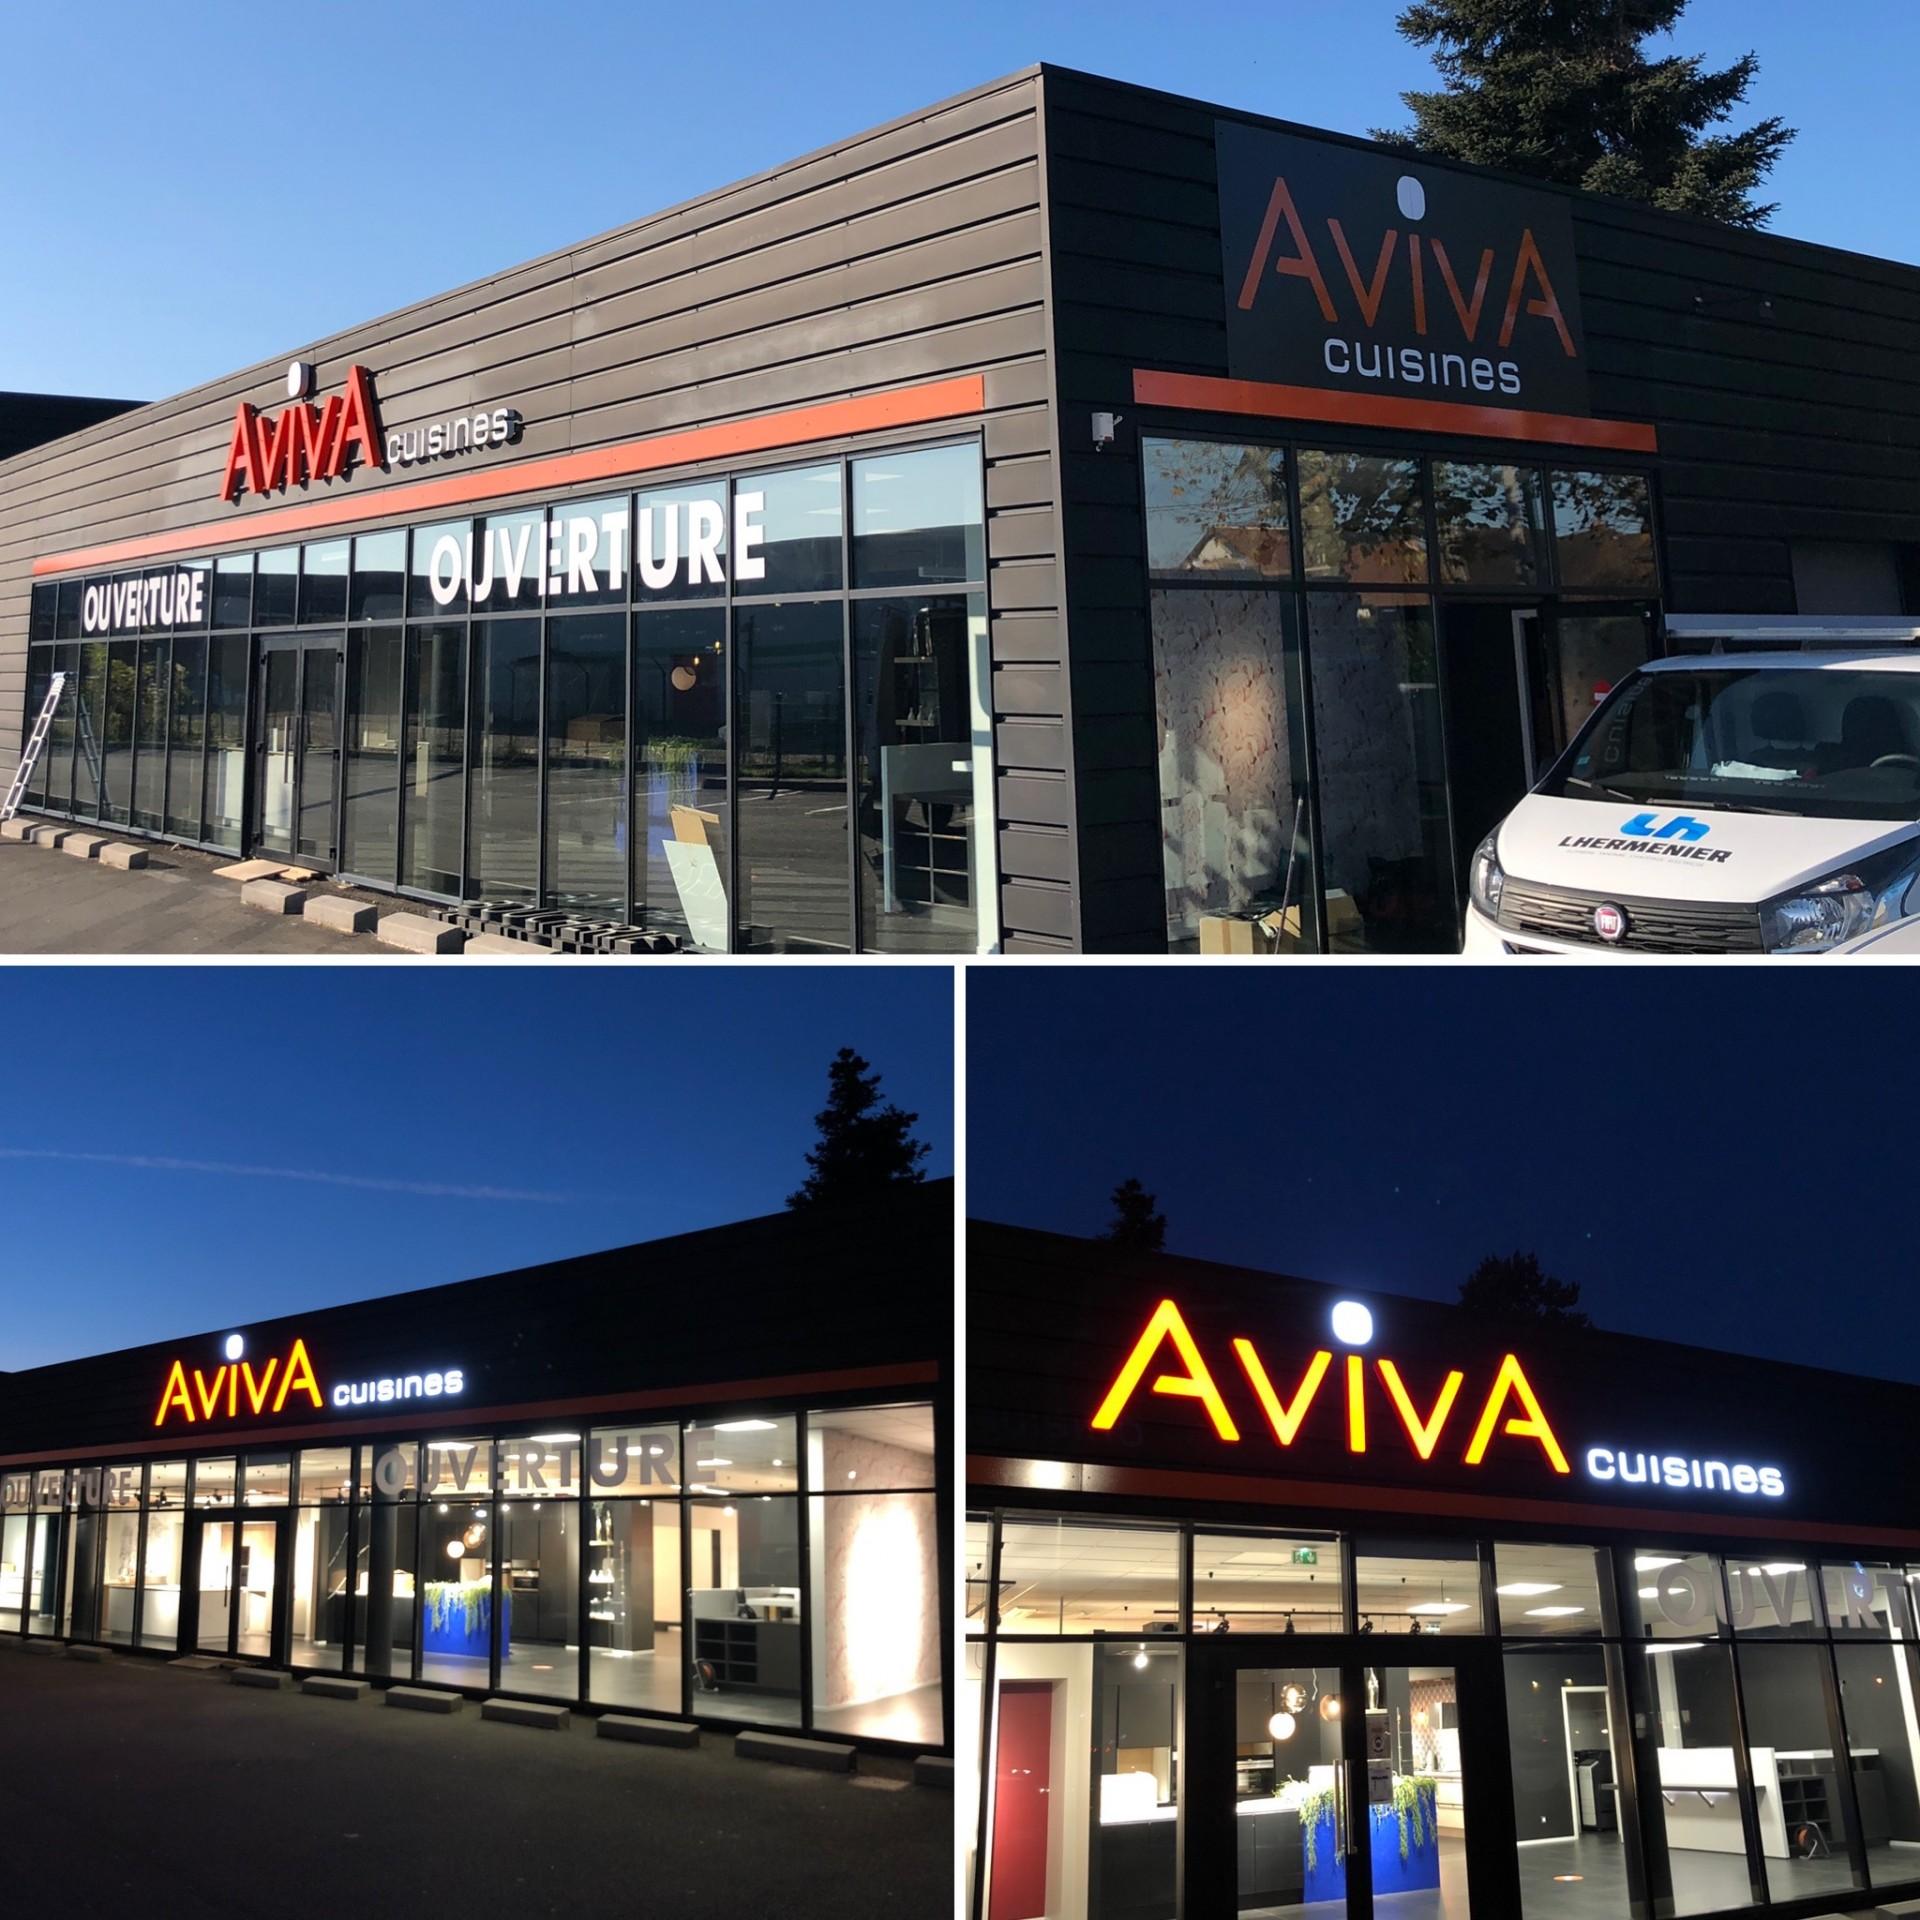 Aviva cuisines